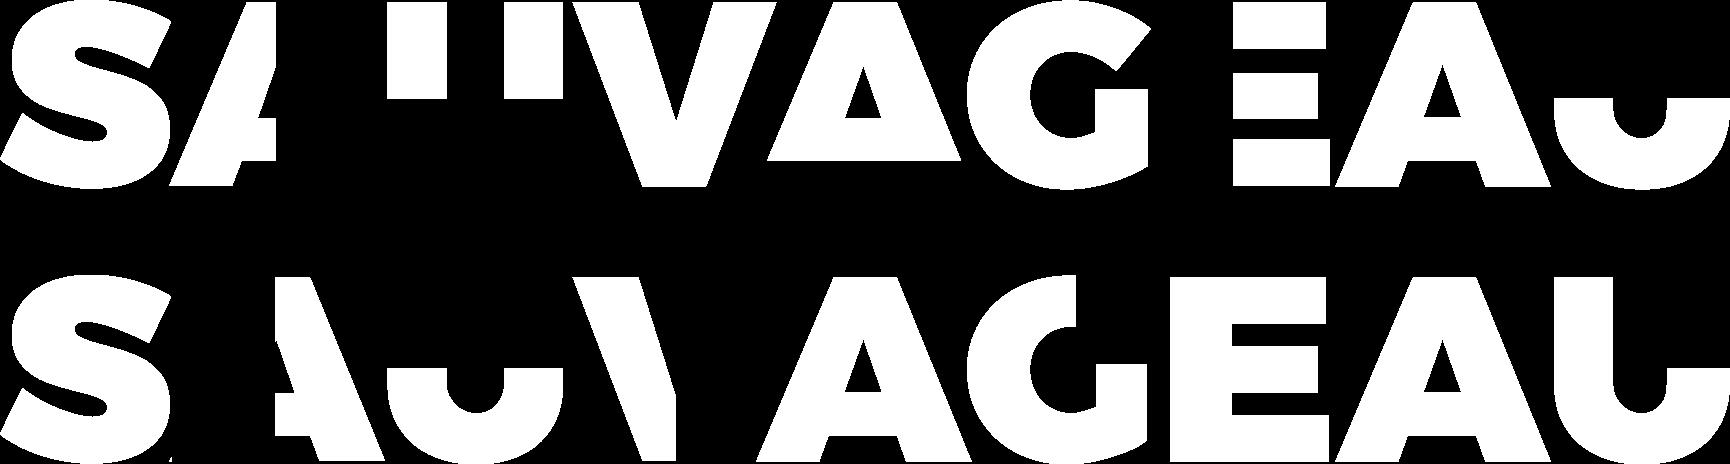 Sauvageau Sauvageau portfolio